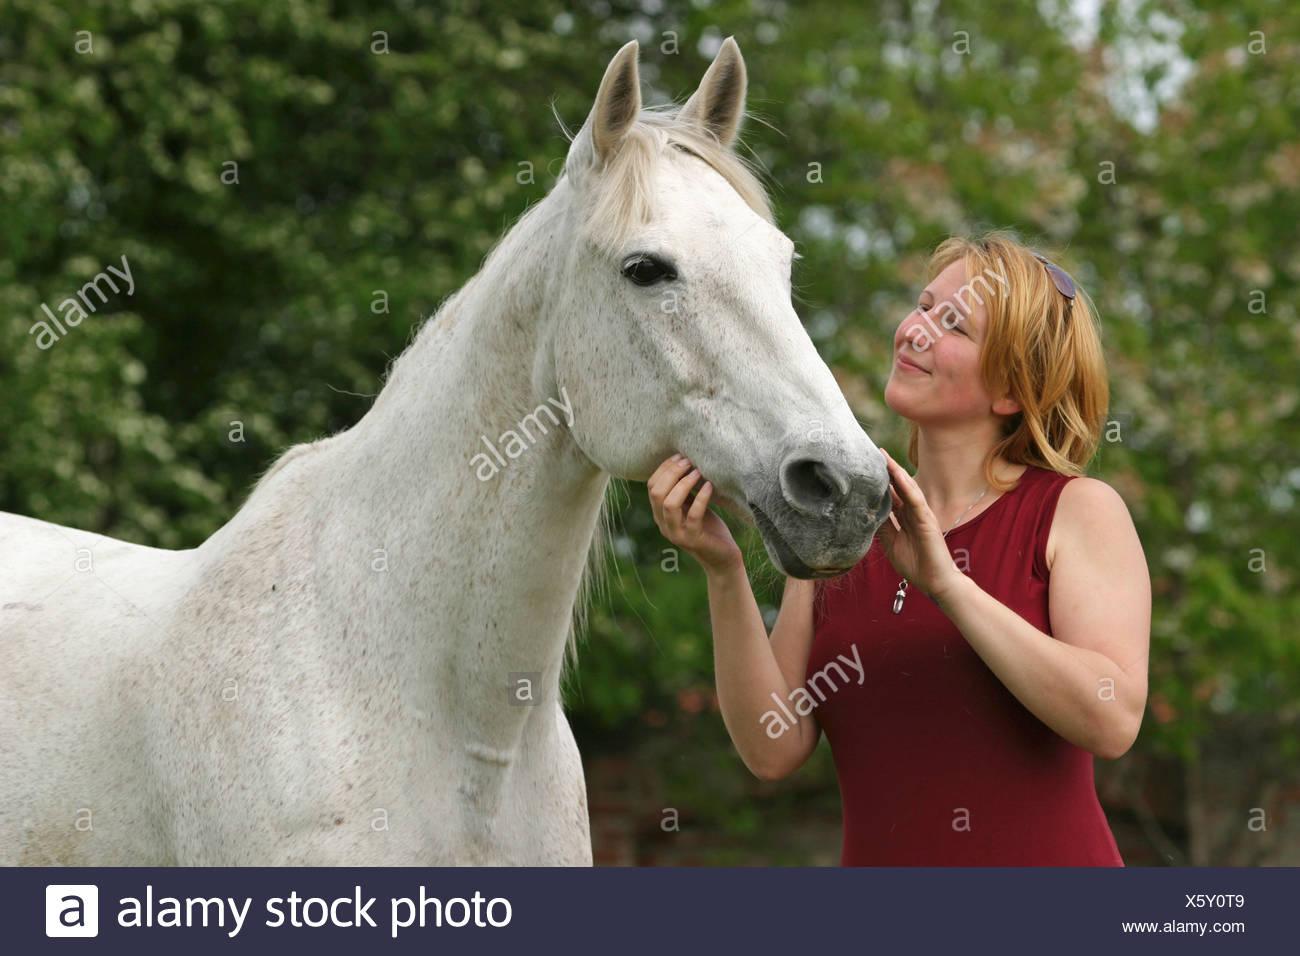 Frau pferde Olympia: Nach